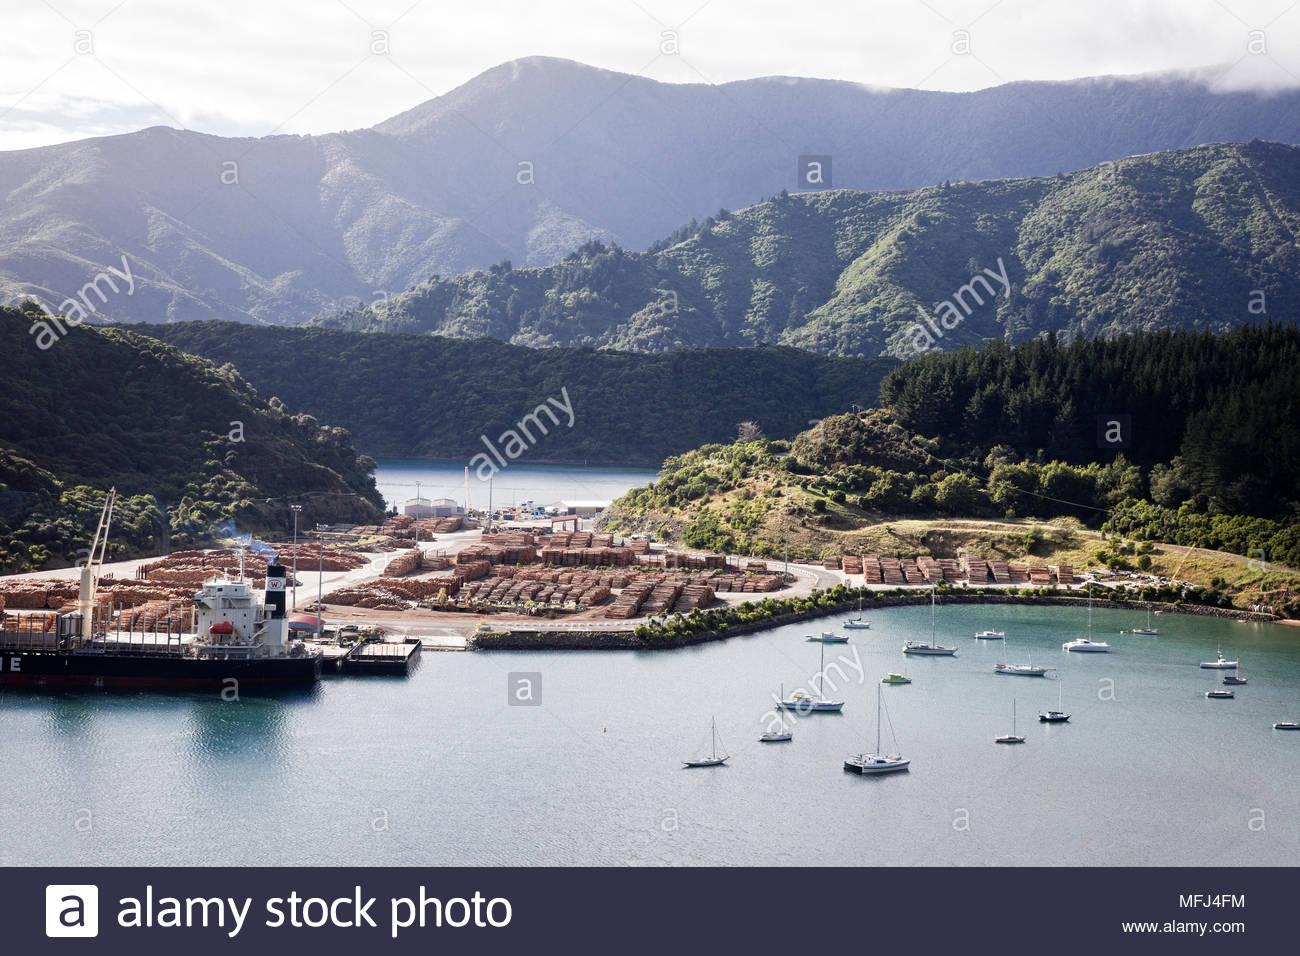 Protokollierung der Vorgänge in Marlborough Sounds in der Nähe von Picton, Südinsel, Neuseeland. Stockbild